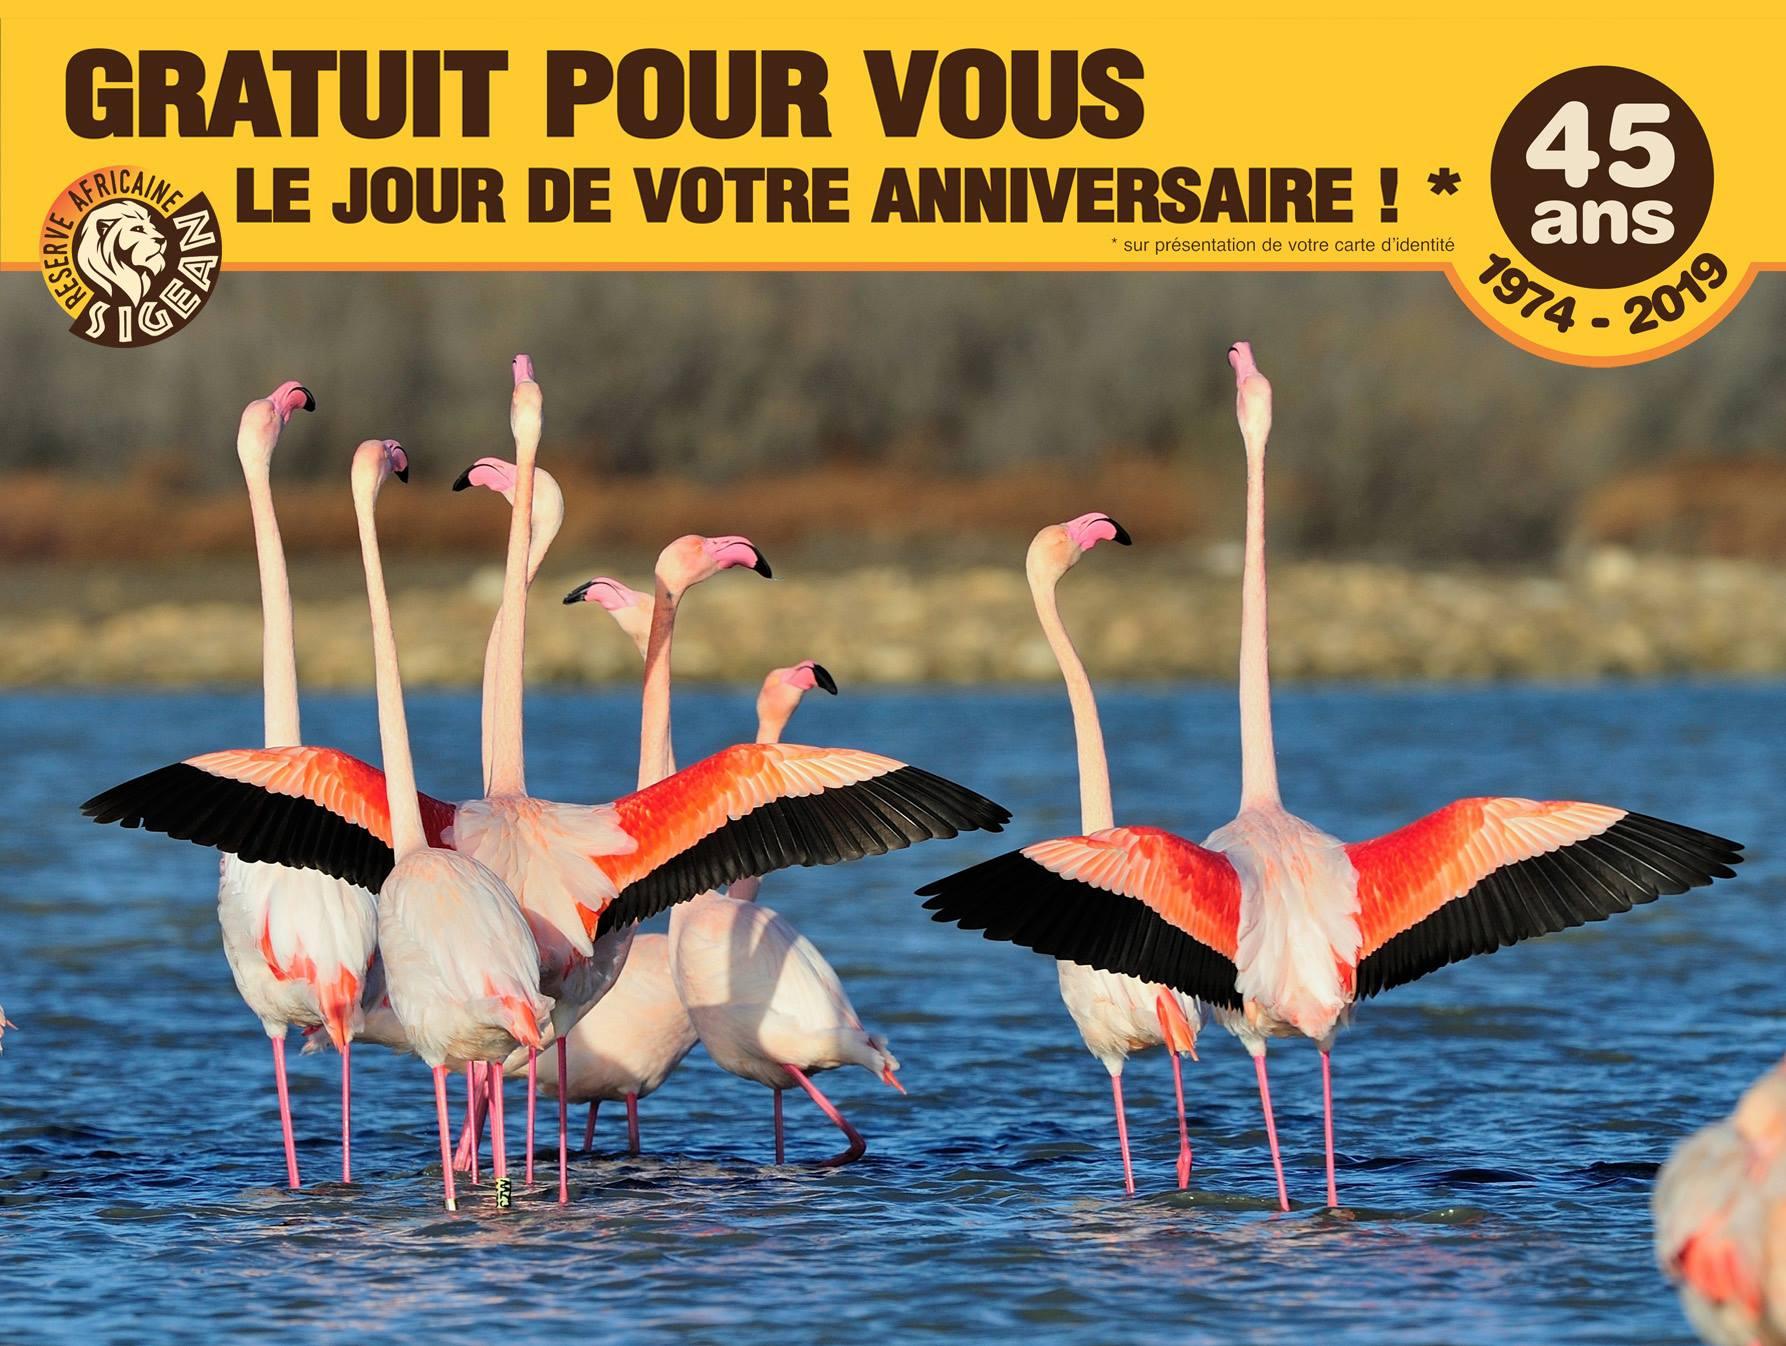 Entrée offerte le jour de votre anniversaire à la Réserve africaine de Sigean (11)